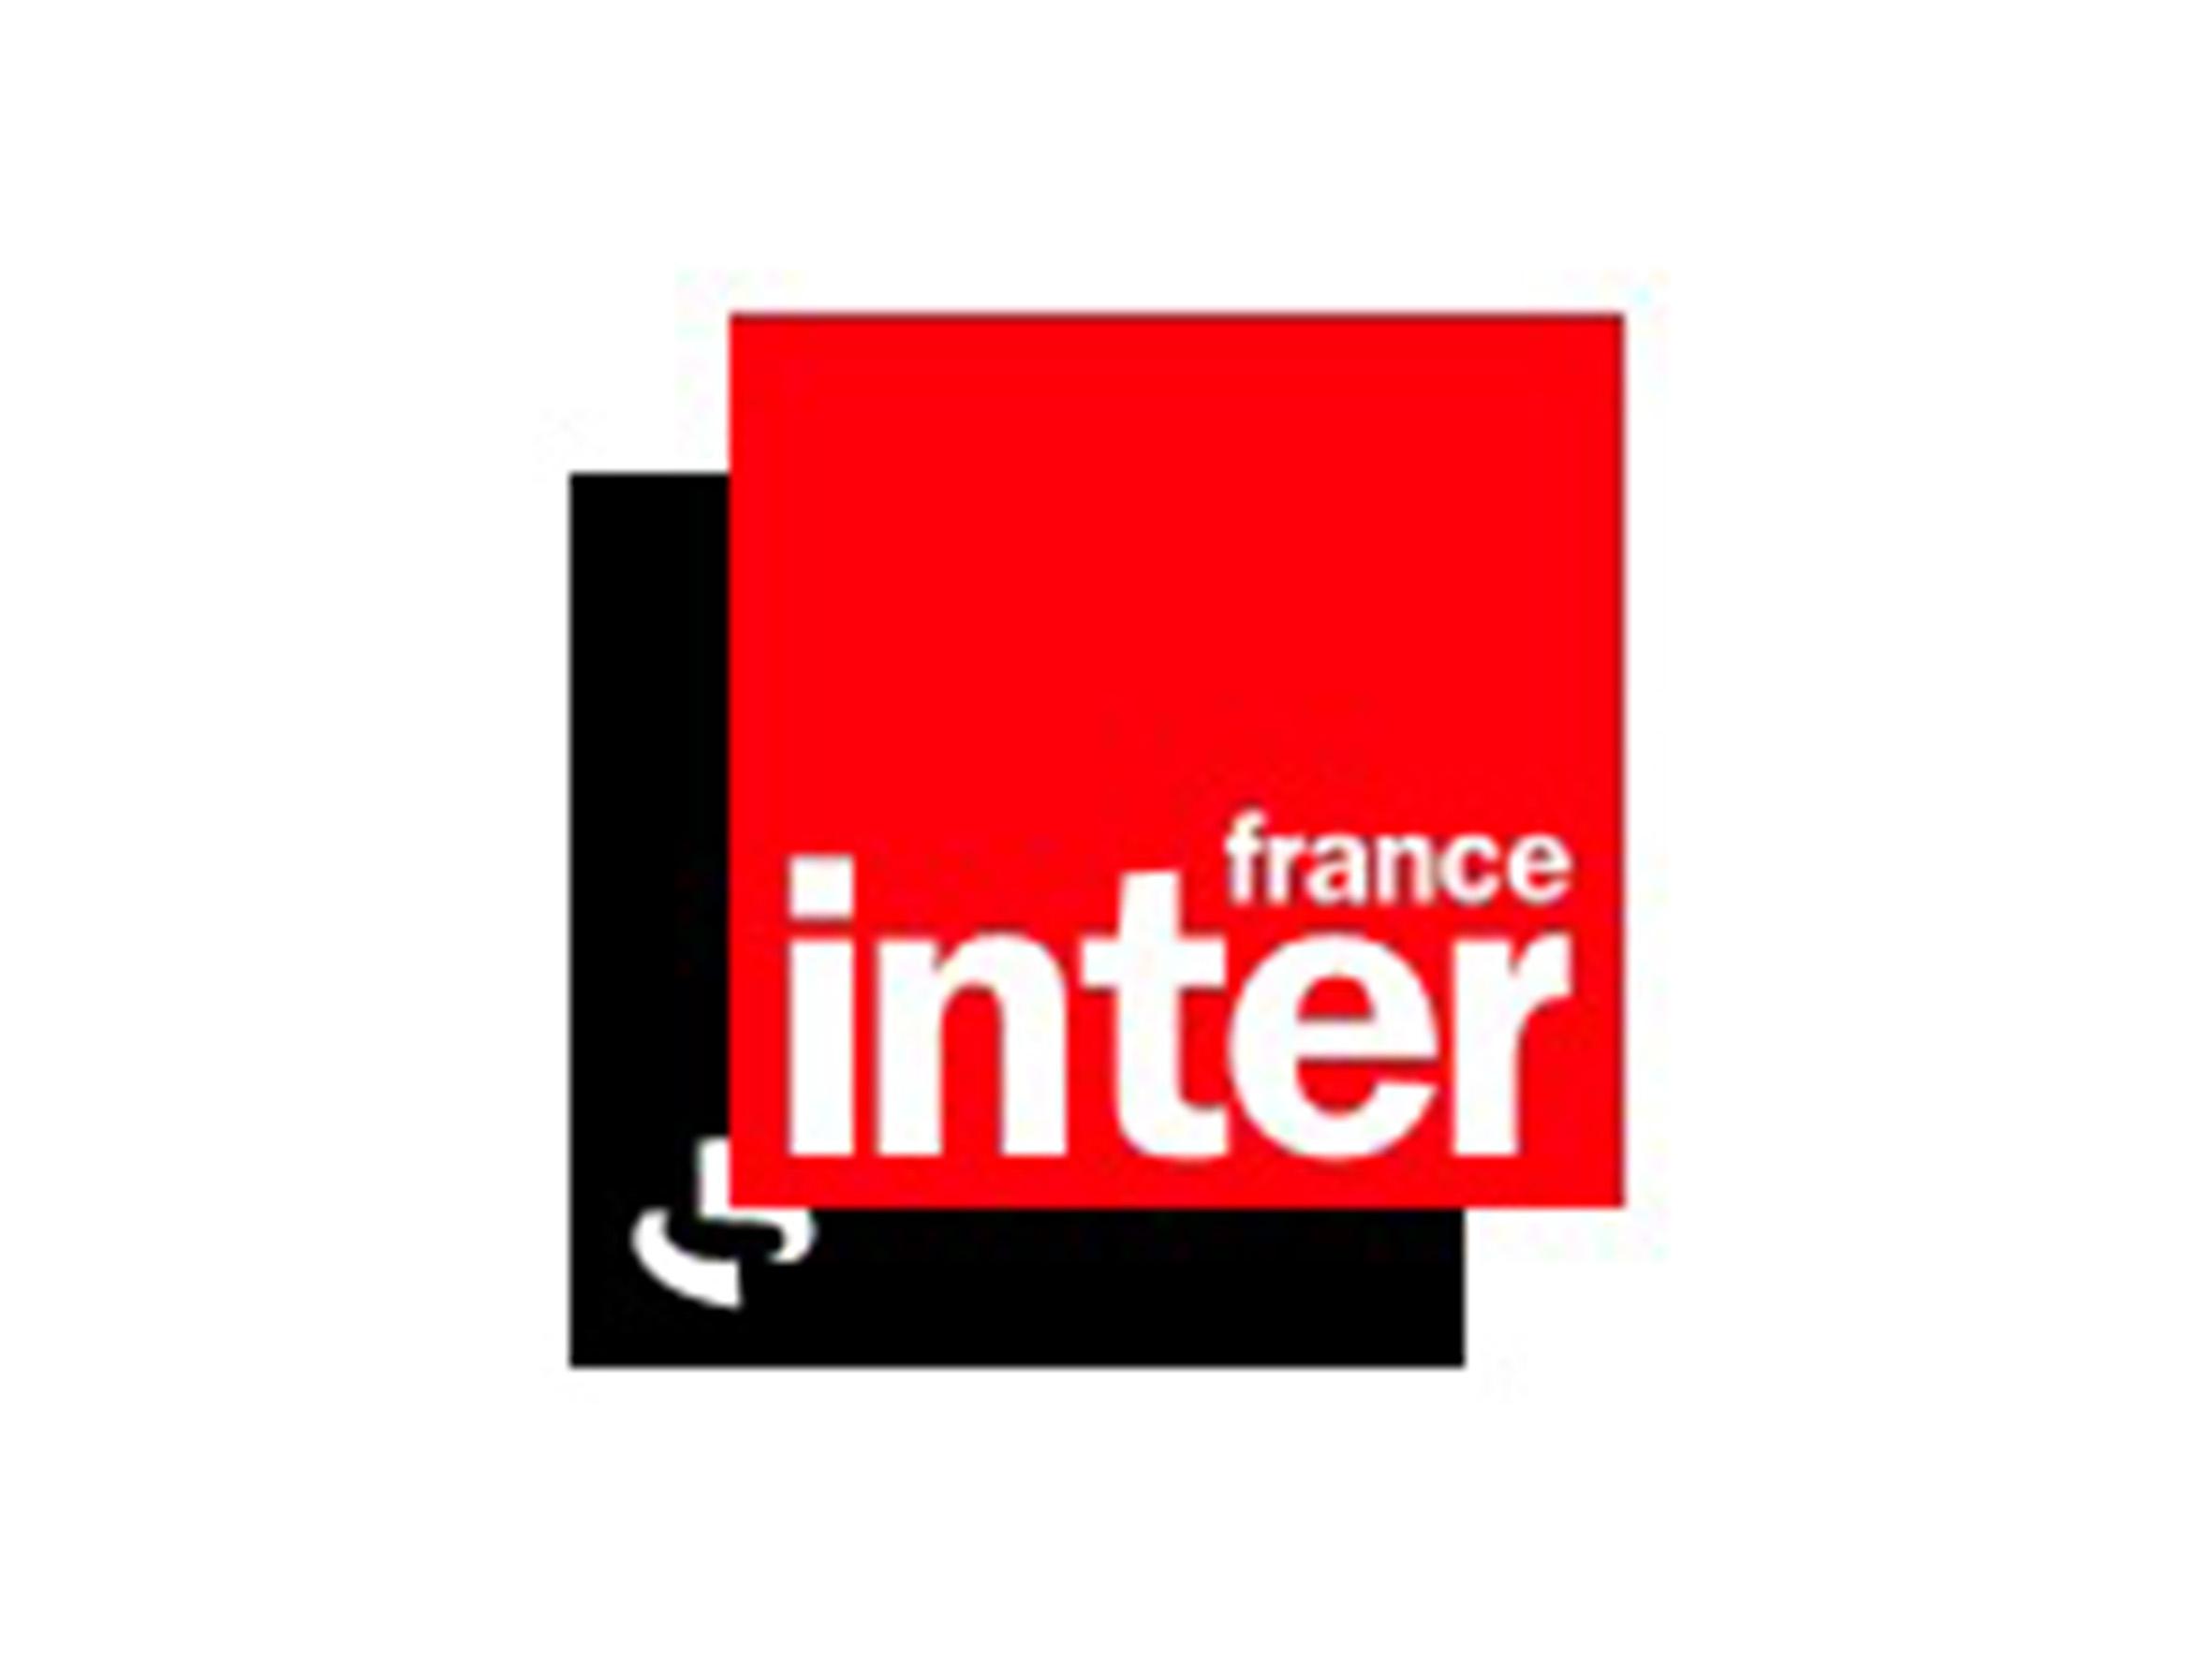 Logo France Inter - Médias - Jérôme Adam - Conférencier Entrepreneur